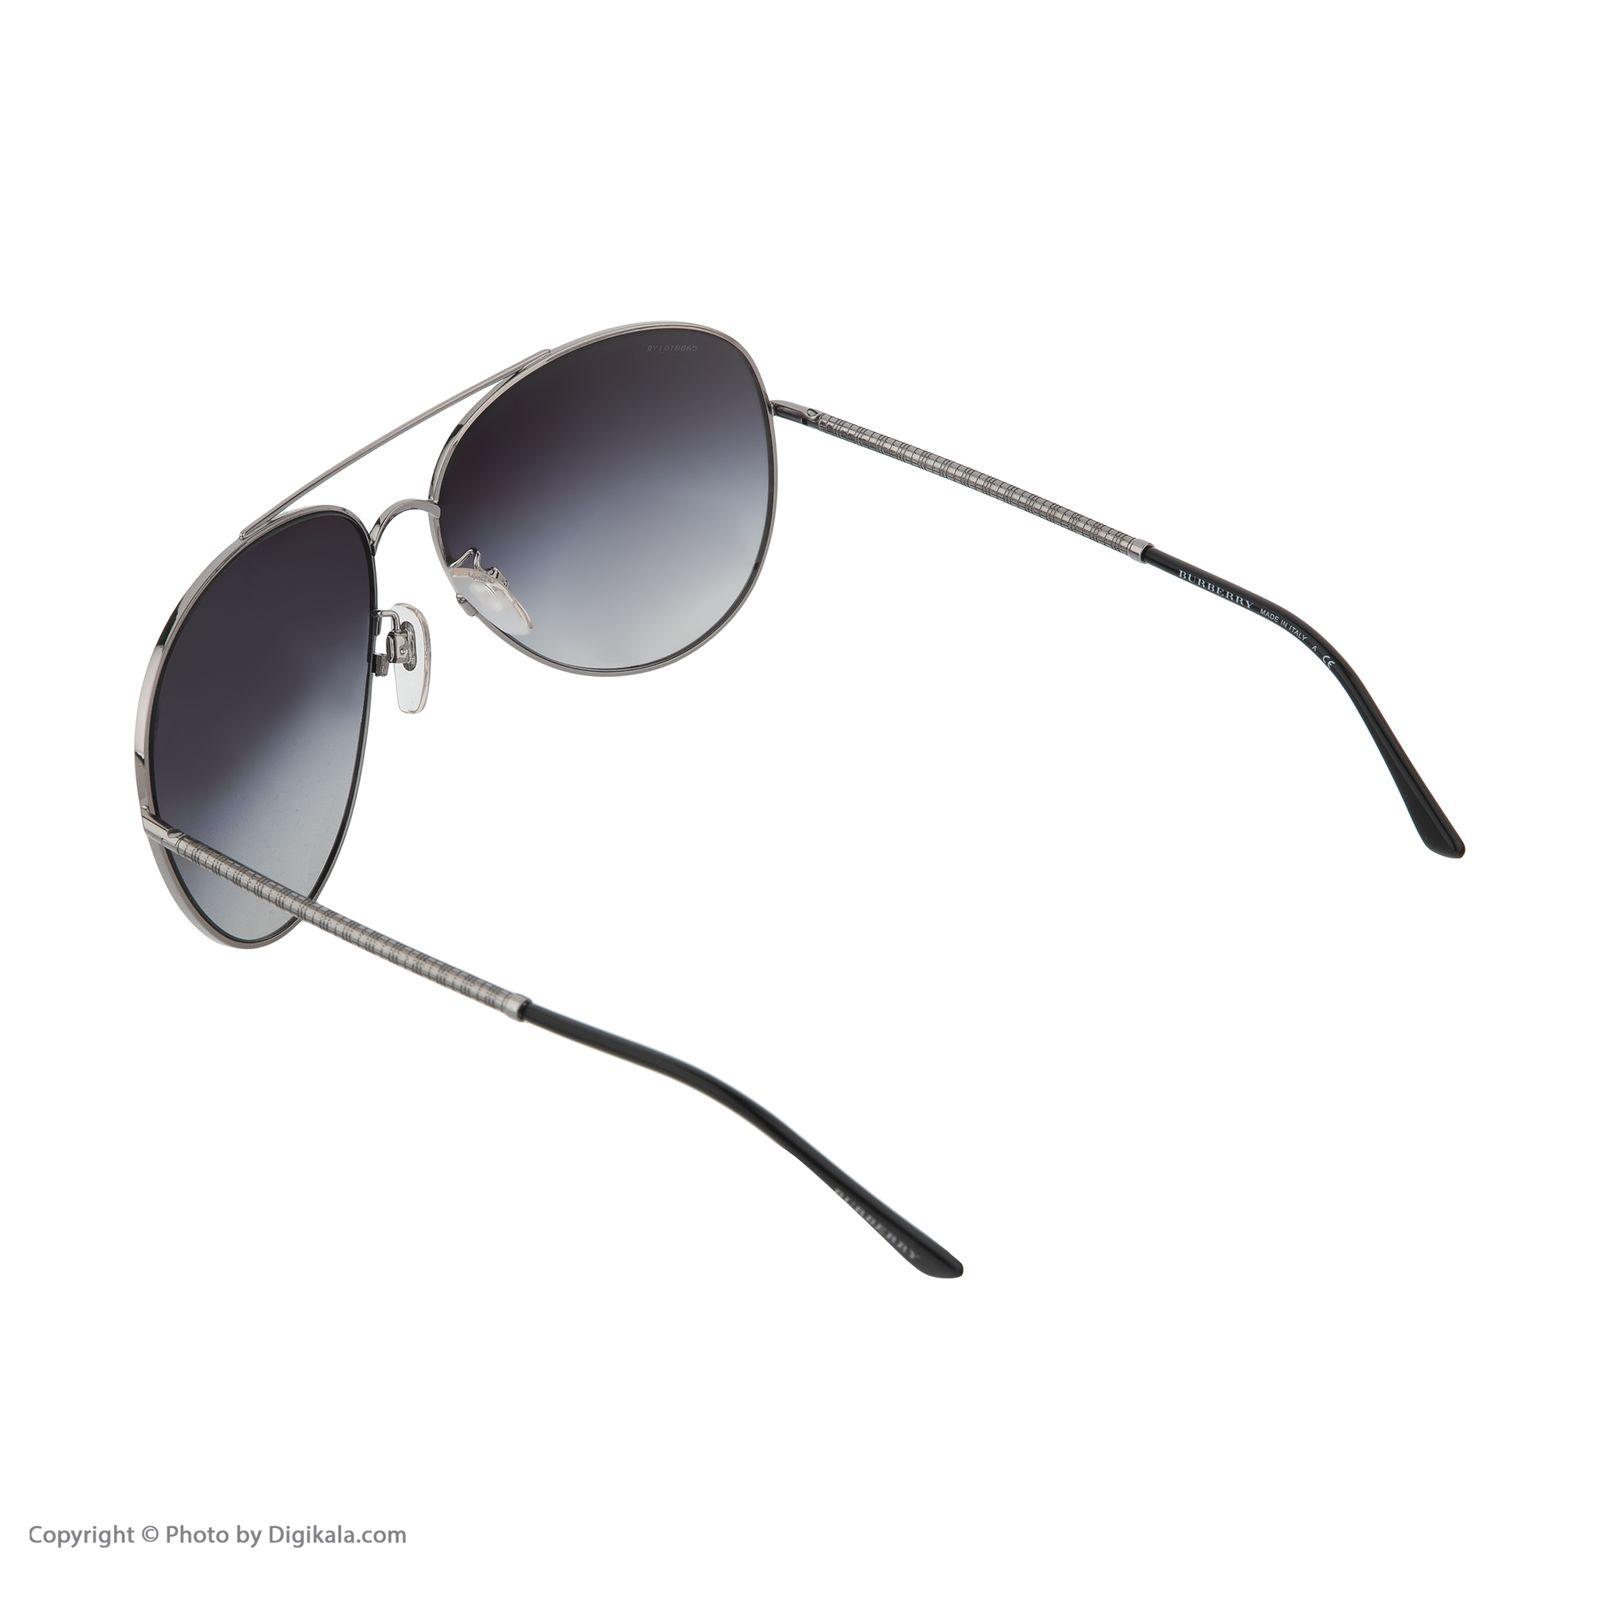 عینک آفتابی زنانه بربری مدل BE 3051S 10068G 61 -  - 5